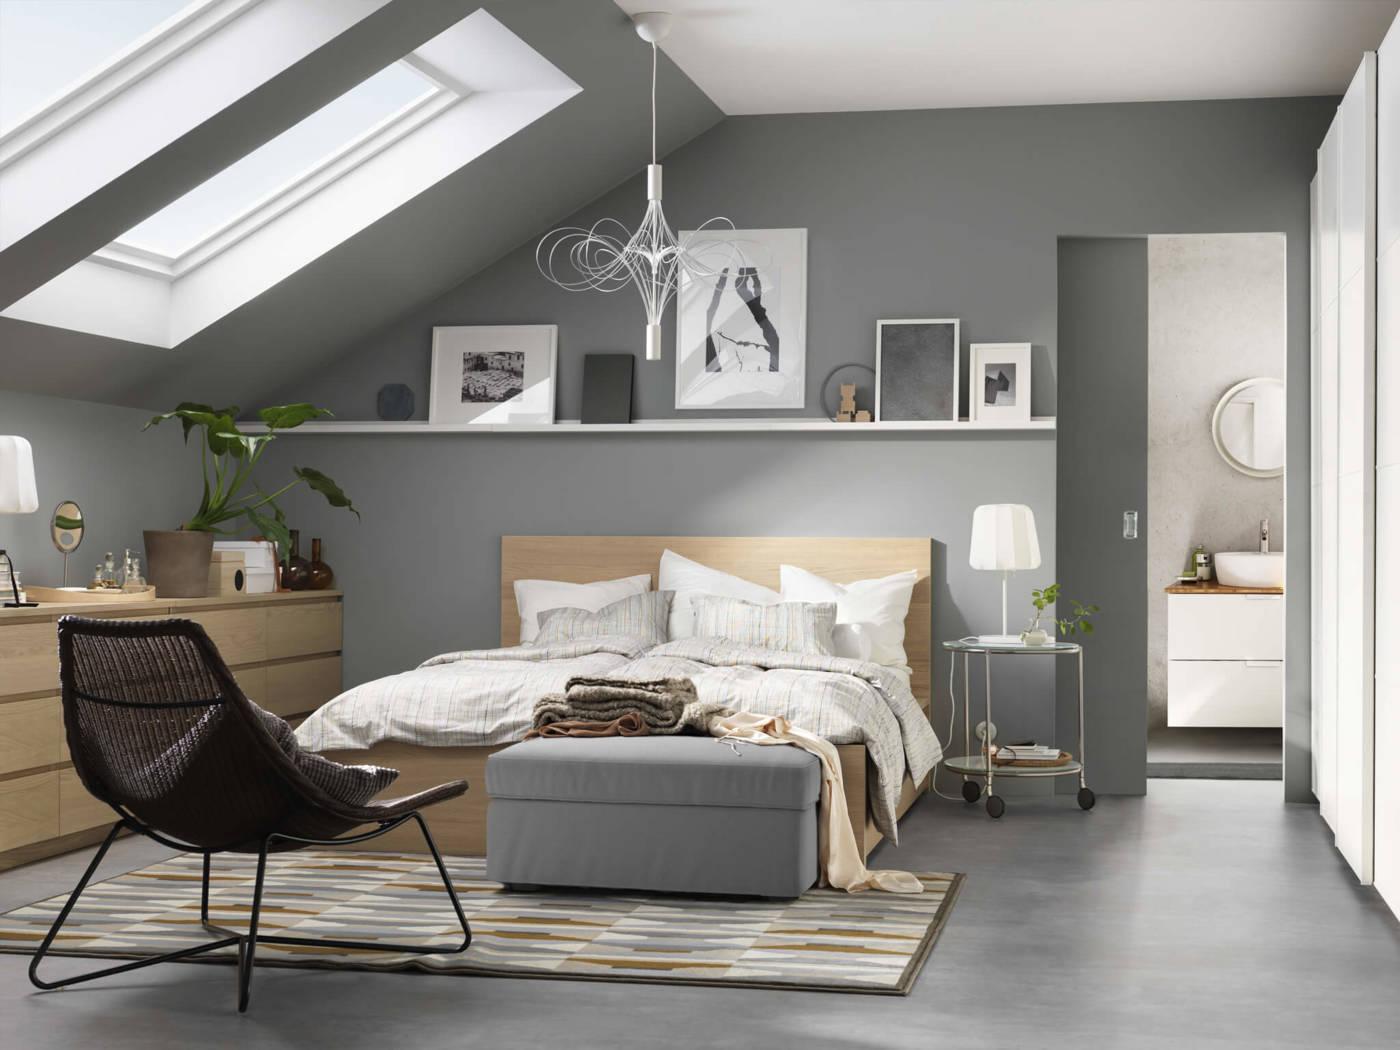 Stanza grigio e legno